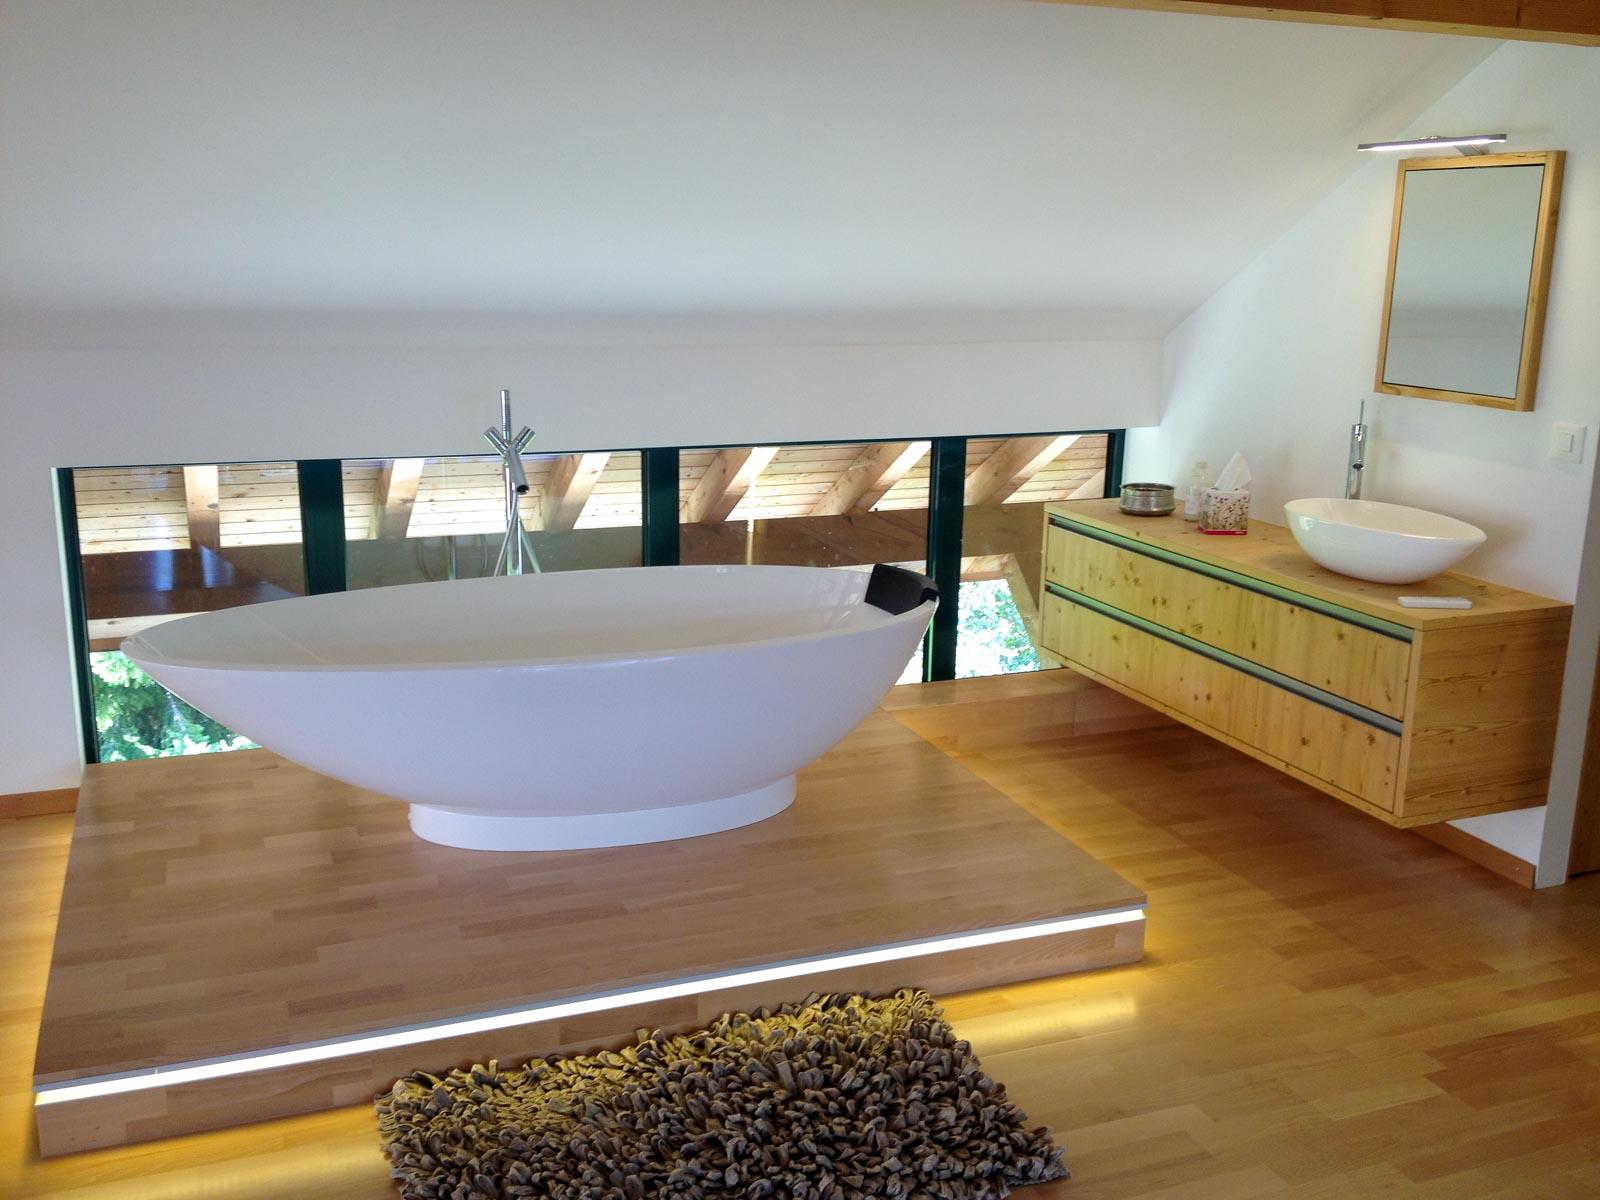 Wooddesign_Badmöbel_ BadeZimmer_ Umbau_modern-Altholz (2)